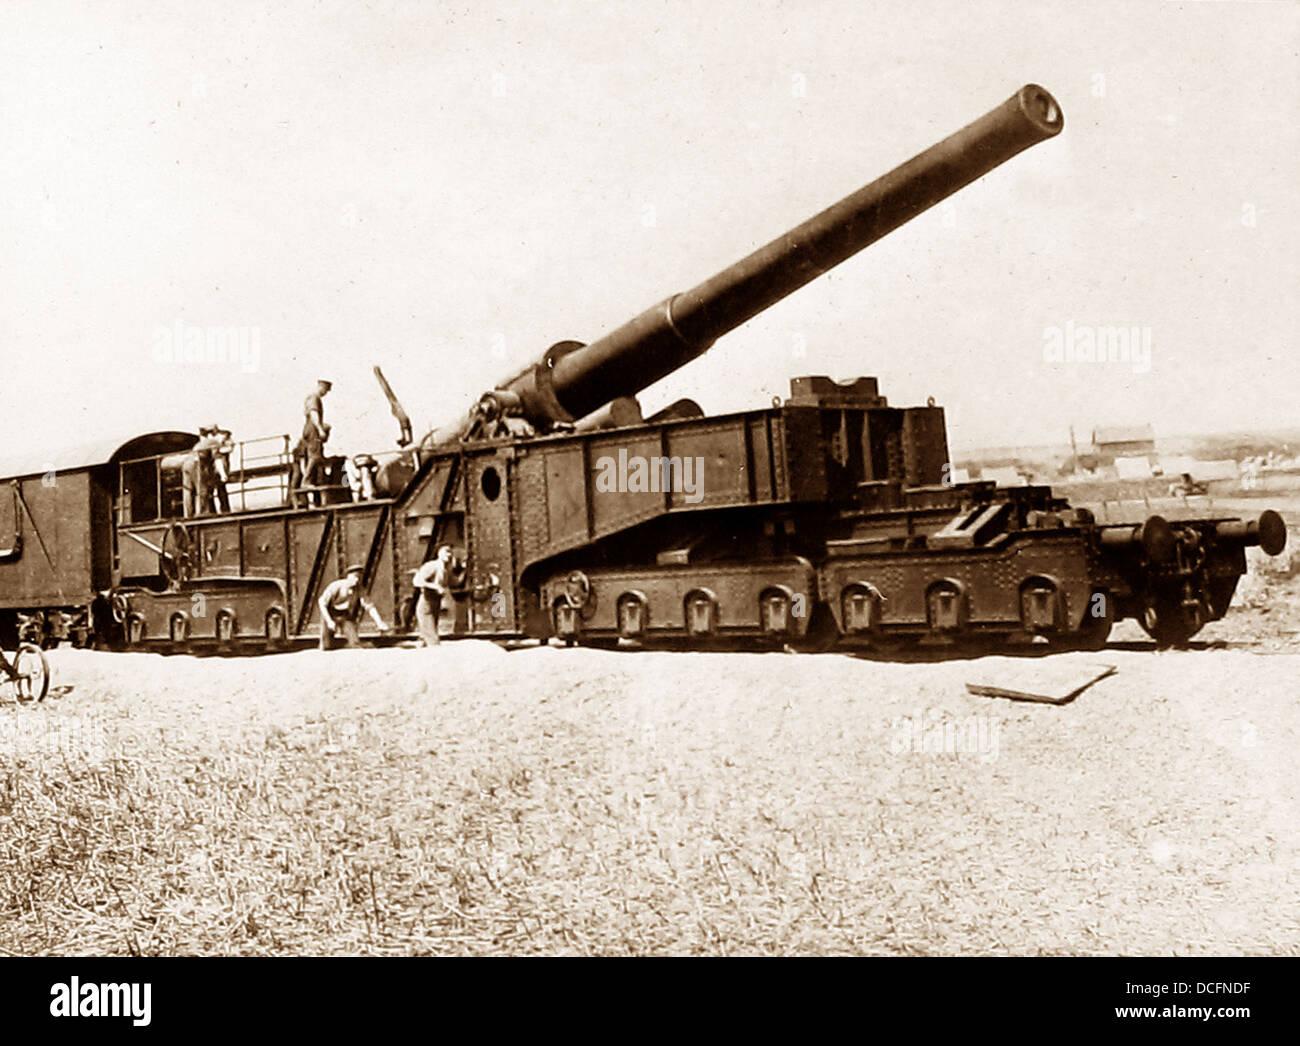 Rail mounted British gun during WW1 - Stock Image